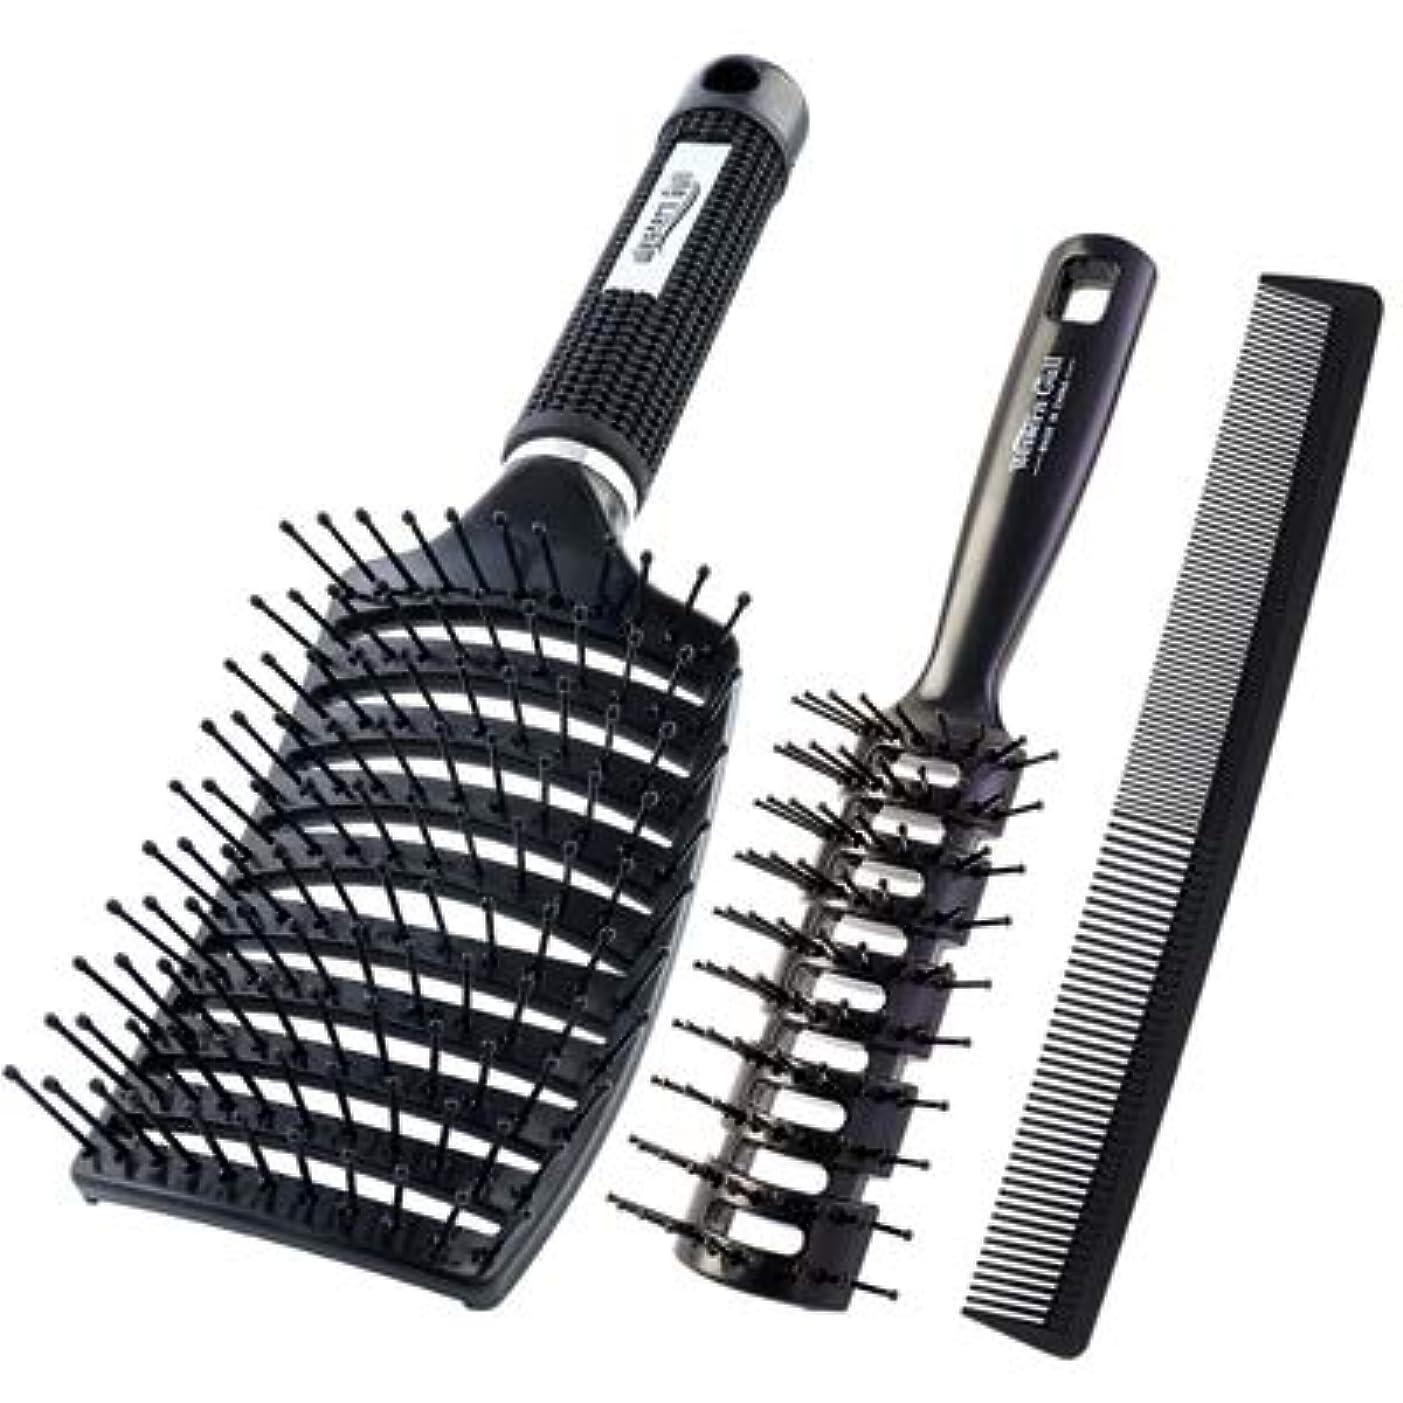 定期的な添加チャンピオンシップ男性専用のスペアリブのくしで髪をブローします。フワフワとしたヘアスタイルです。